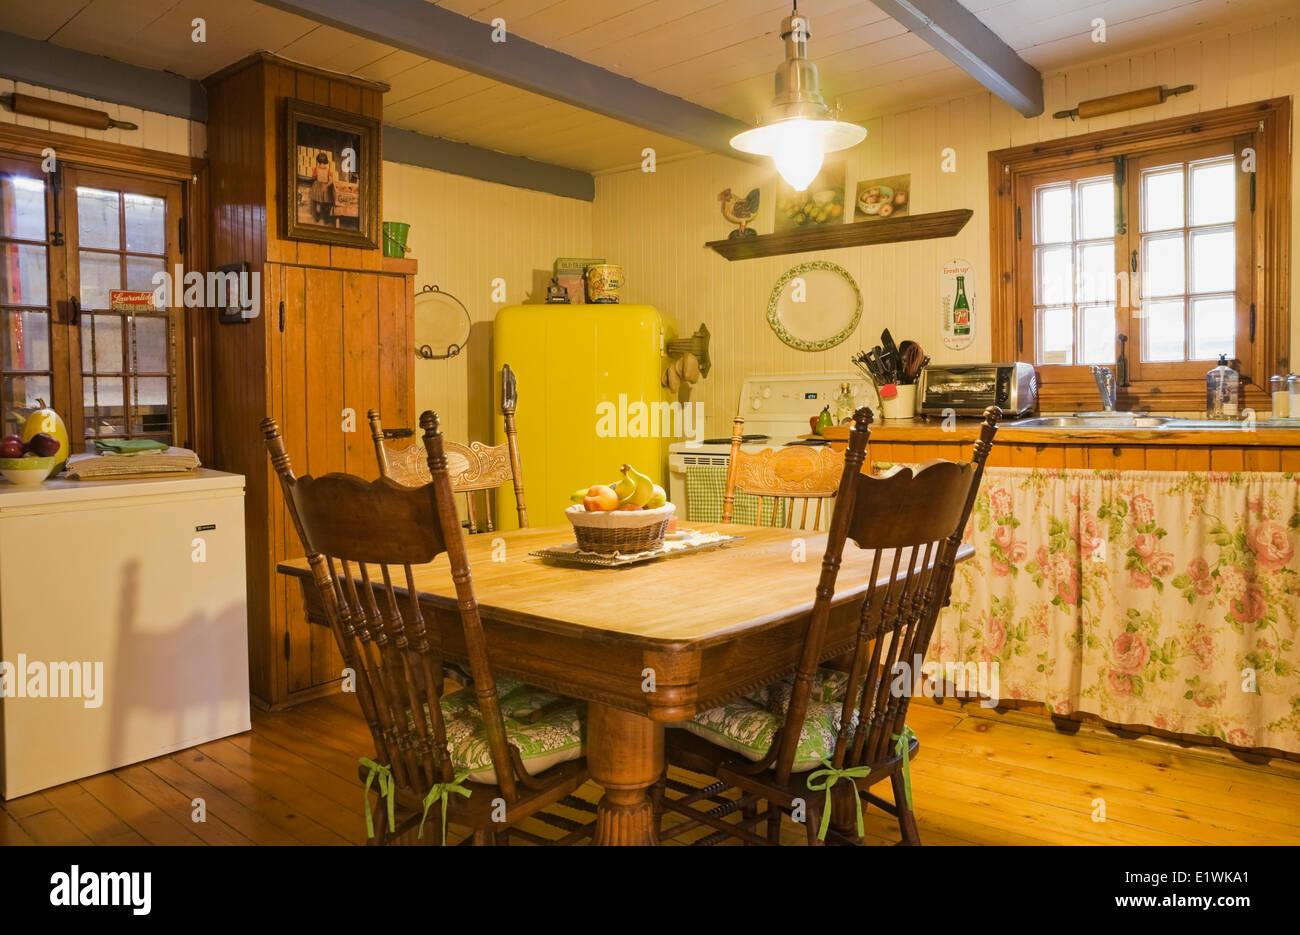 Tavolo Antico Arredamento.Tavolo Antico Arredamento Sedie In Cucina Un Vecchio